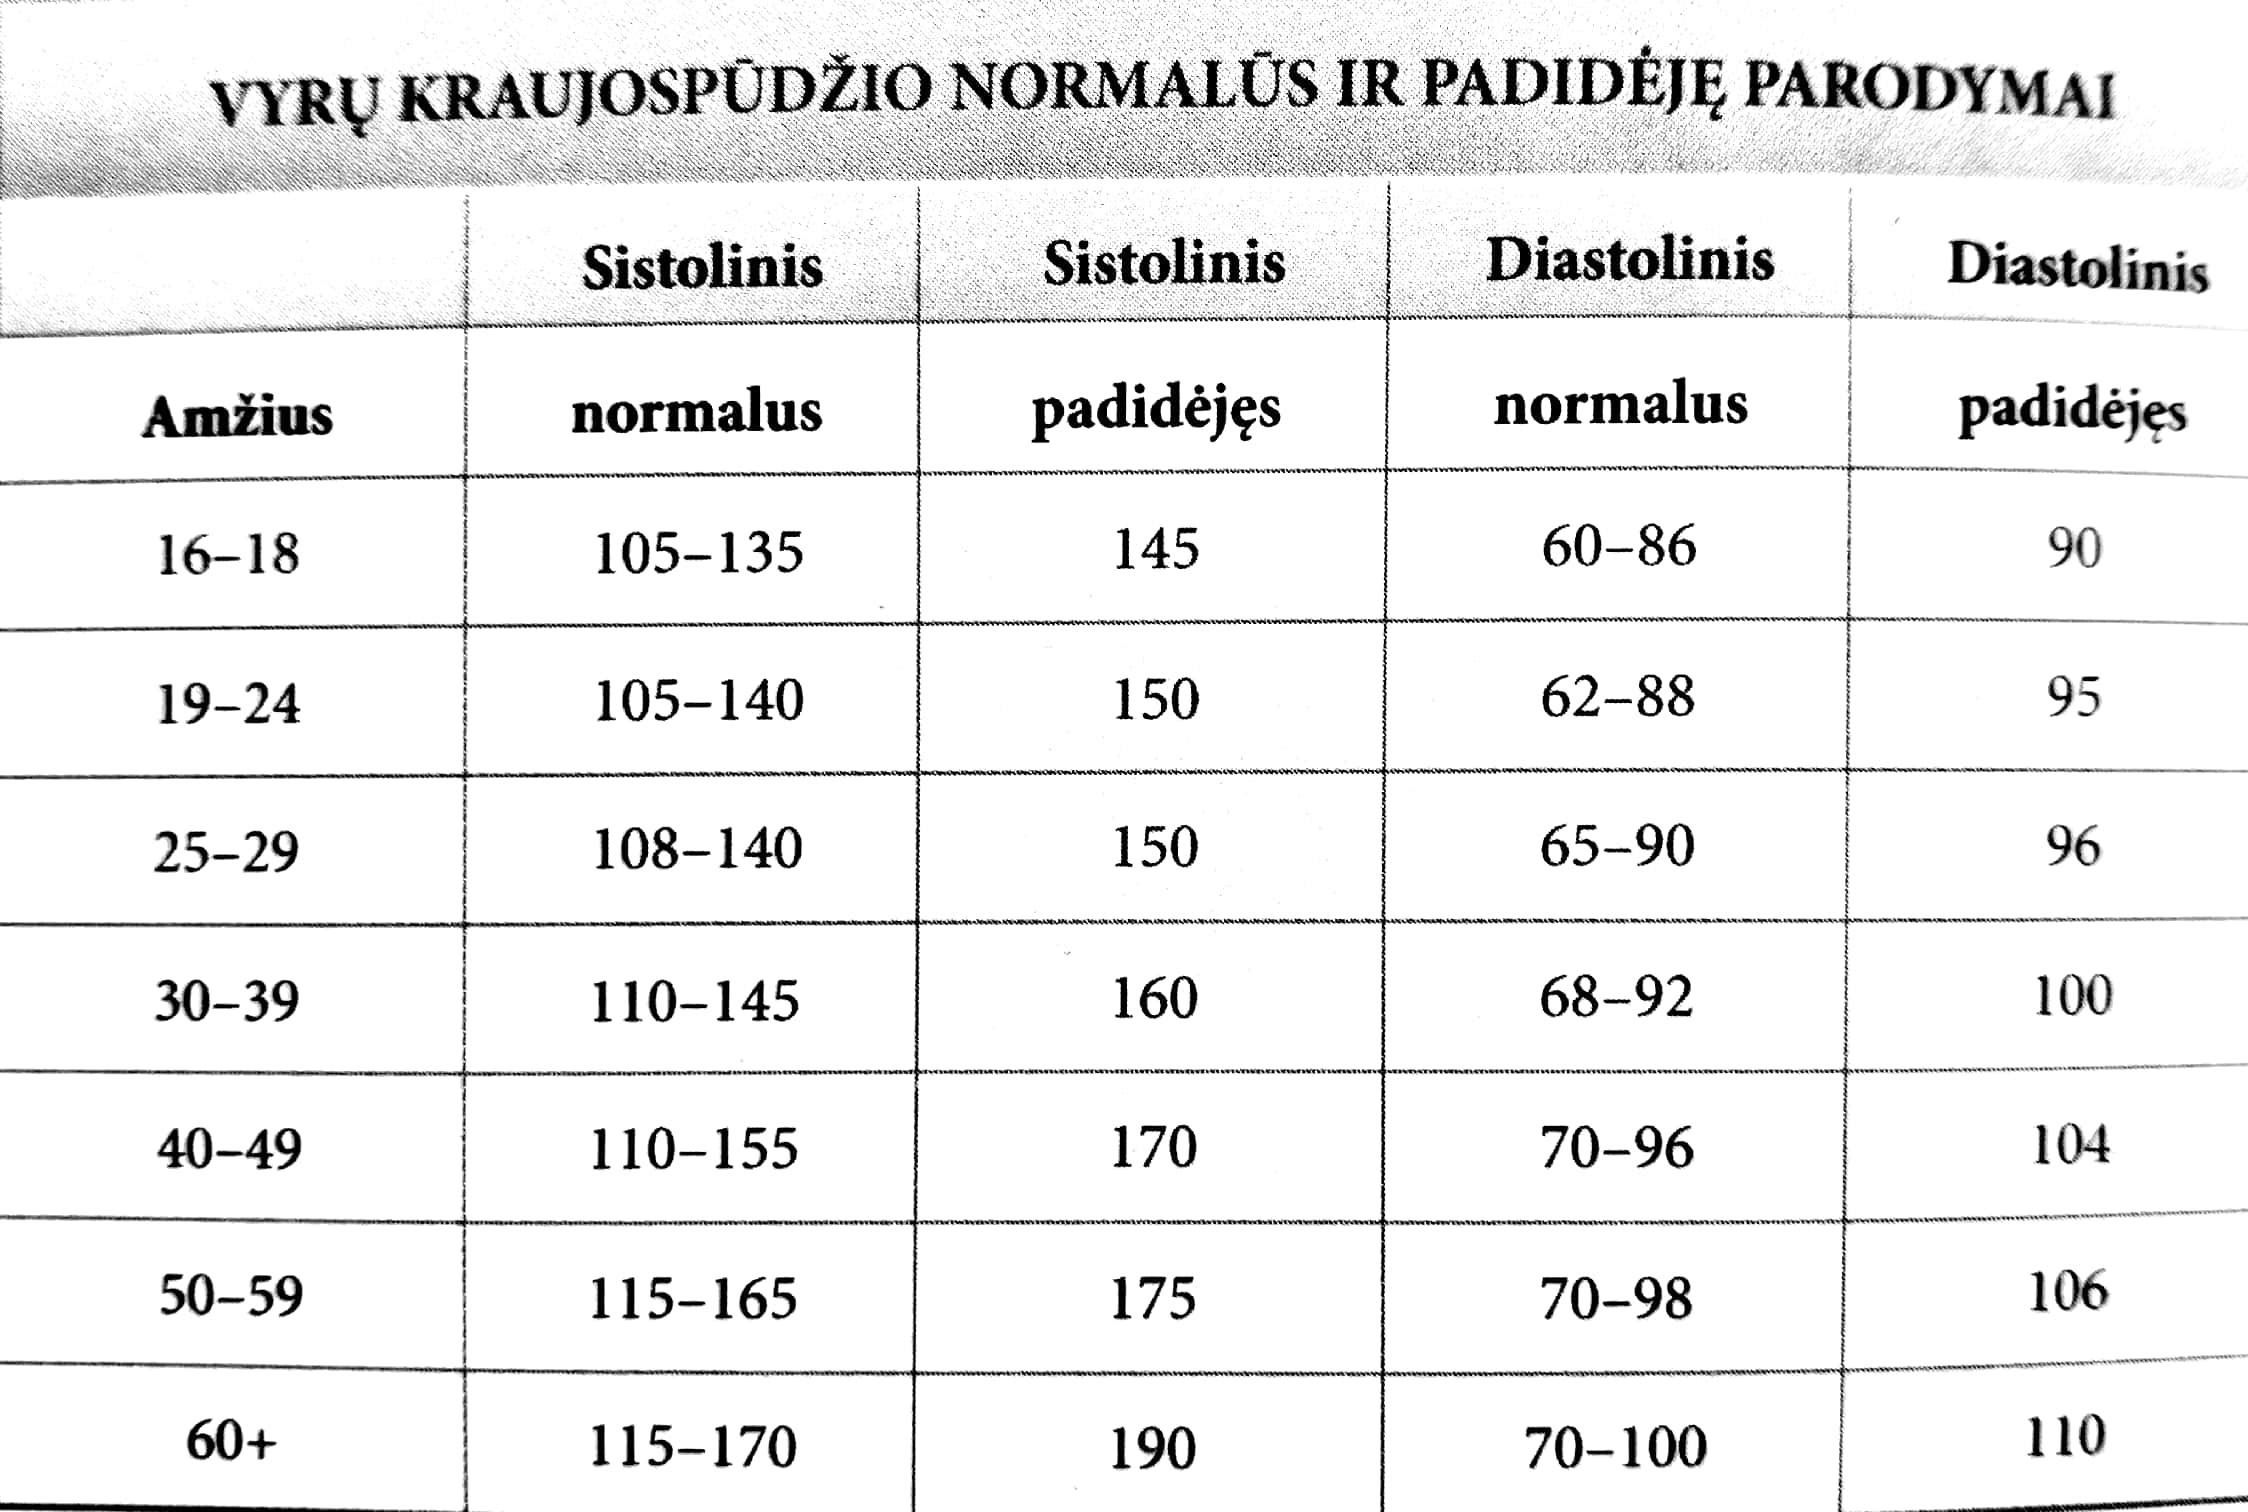 hipertenzija ir visi jos gydymo metodai)